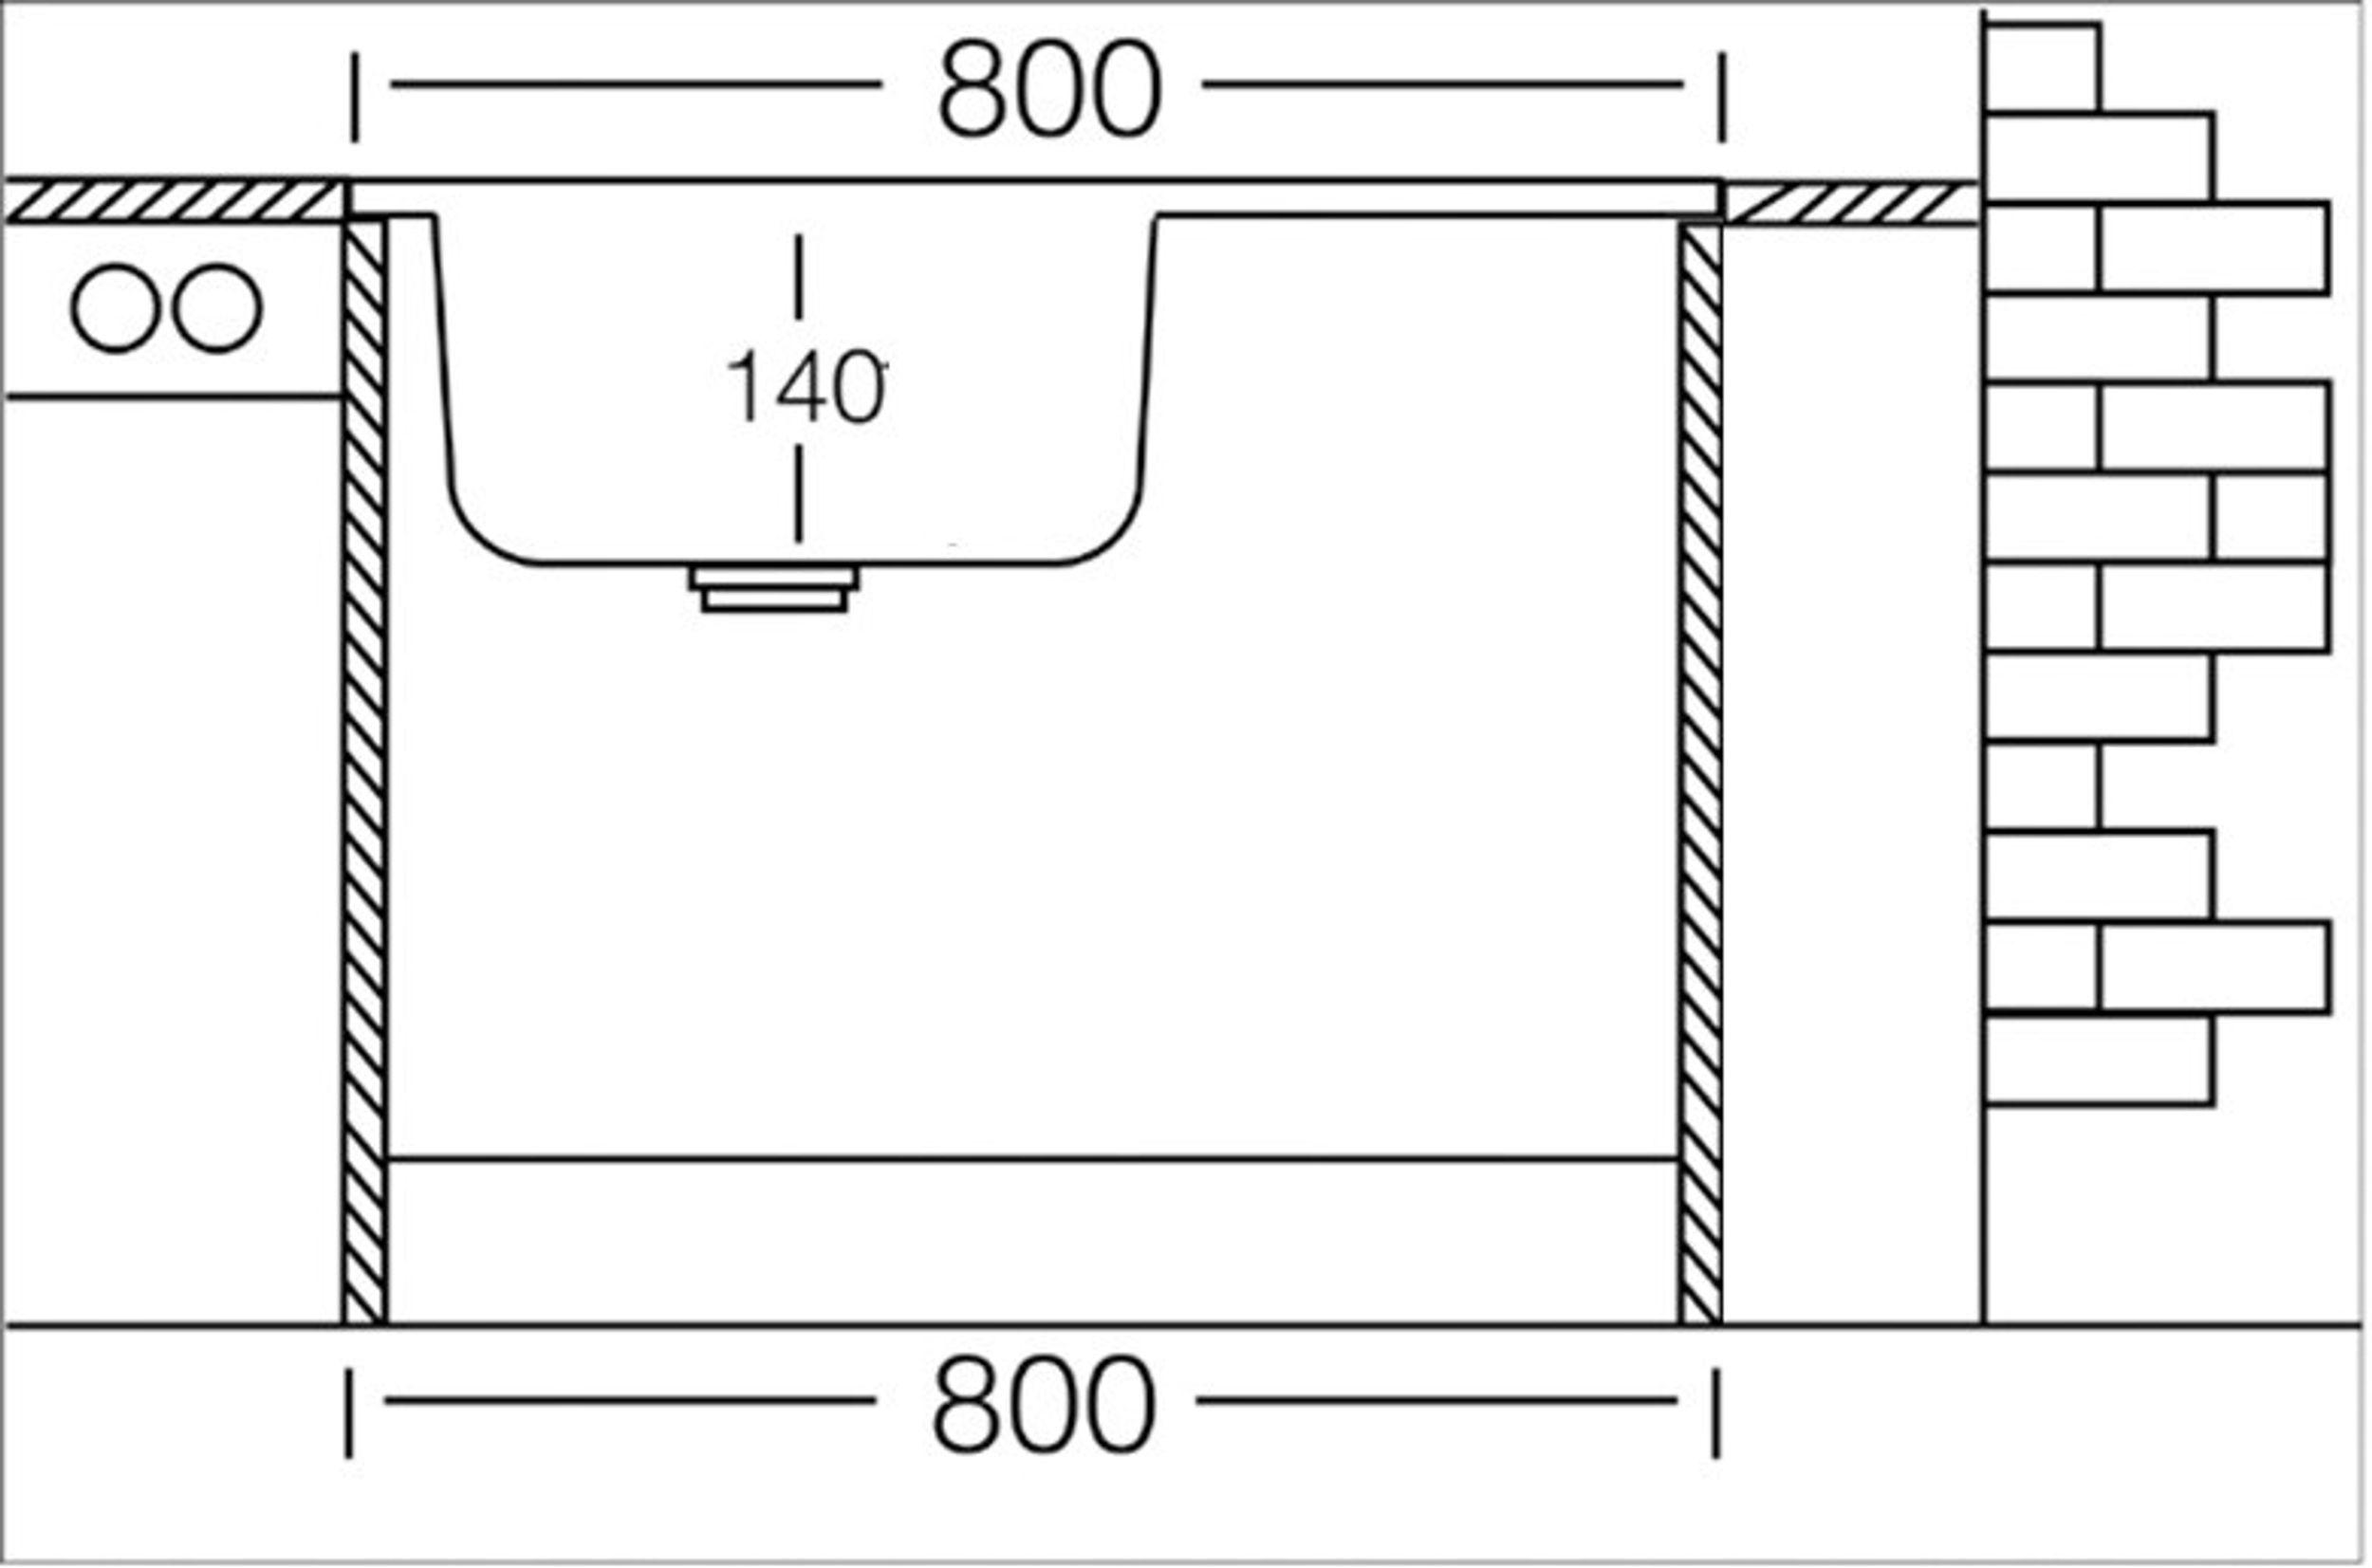 Auflagespüle Edelstahl, Edelstahlspüle 80cm X 60cm Mit Ablage, Spüle,  Waschbecken, Küchenspüle U2013